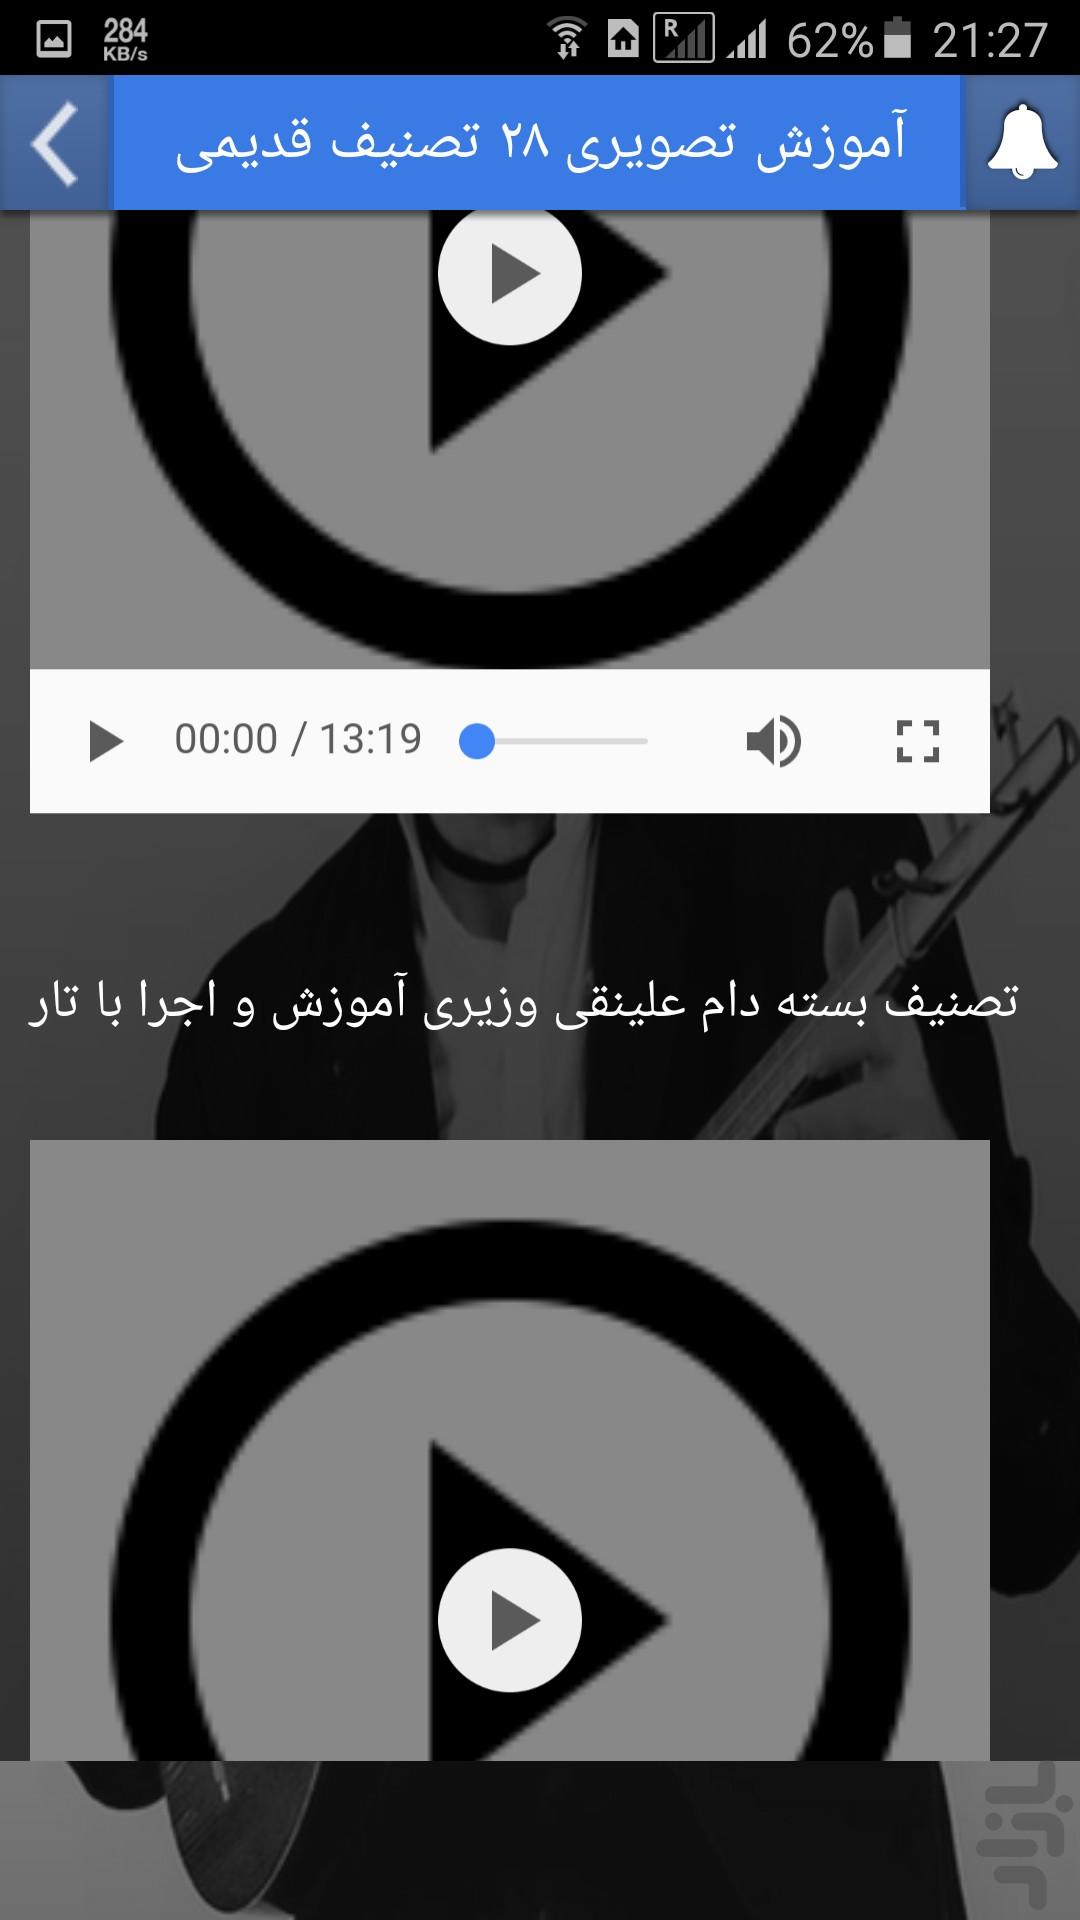 معروفی کانال در تلگرام خواندگان قدیمی آموزش تصویری ۲۸ تصنیف قدیمی - دانلود   نصب برنامه اندروید ...